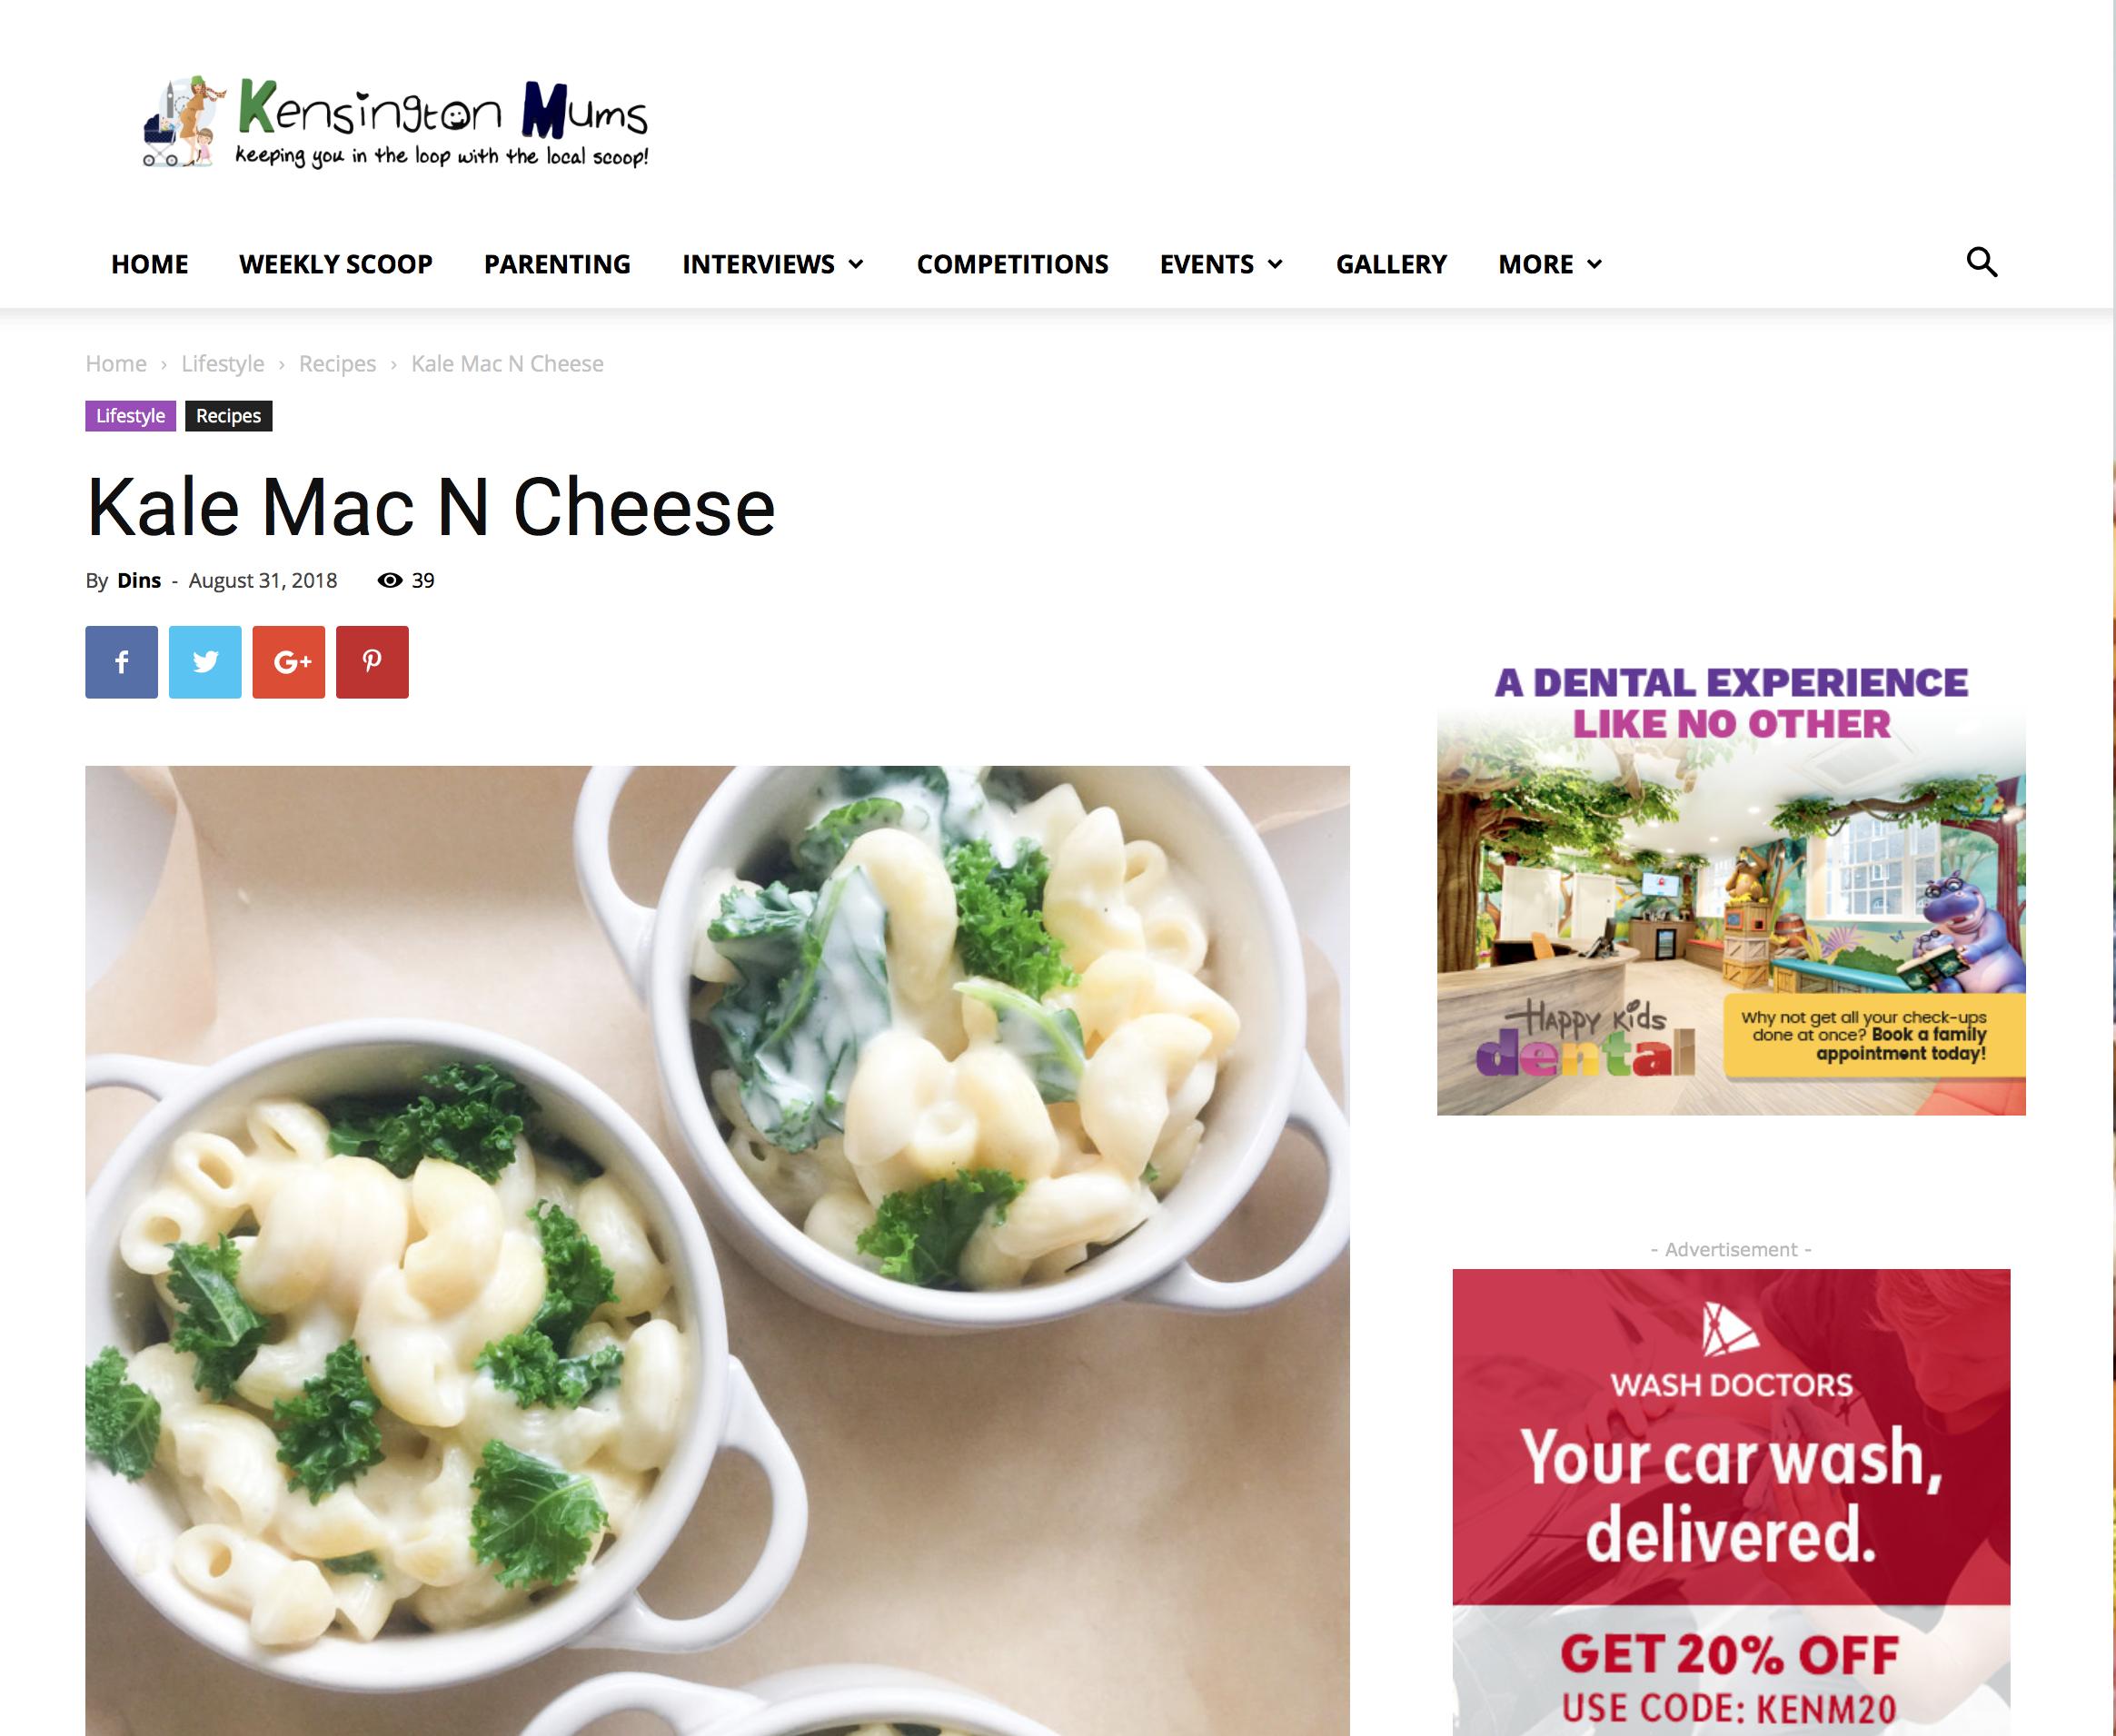 Kensginton Mums Kale Mac N Cheese 1 of 3 Aug 2018.png